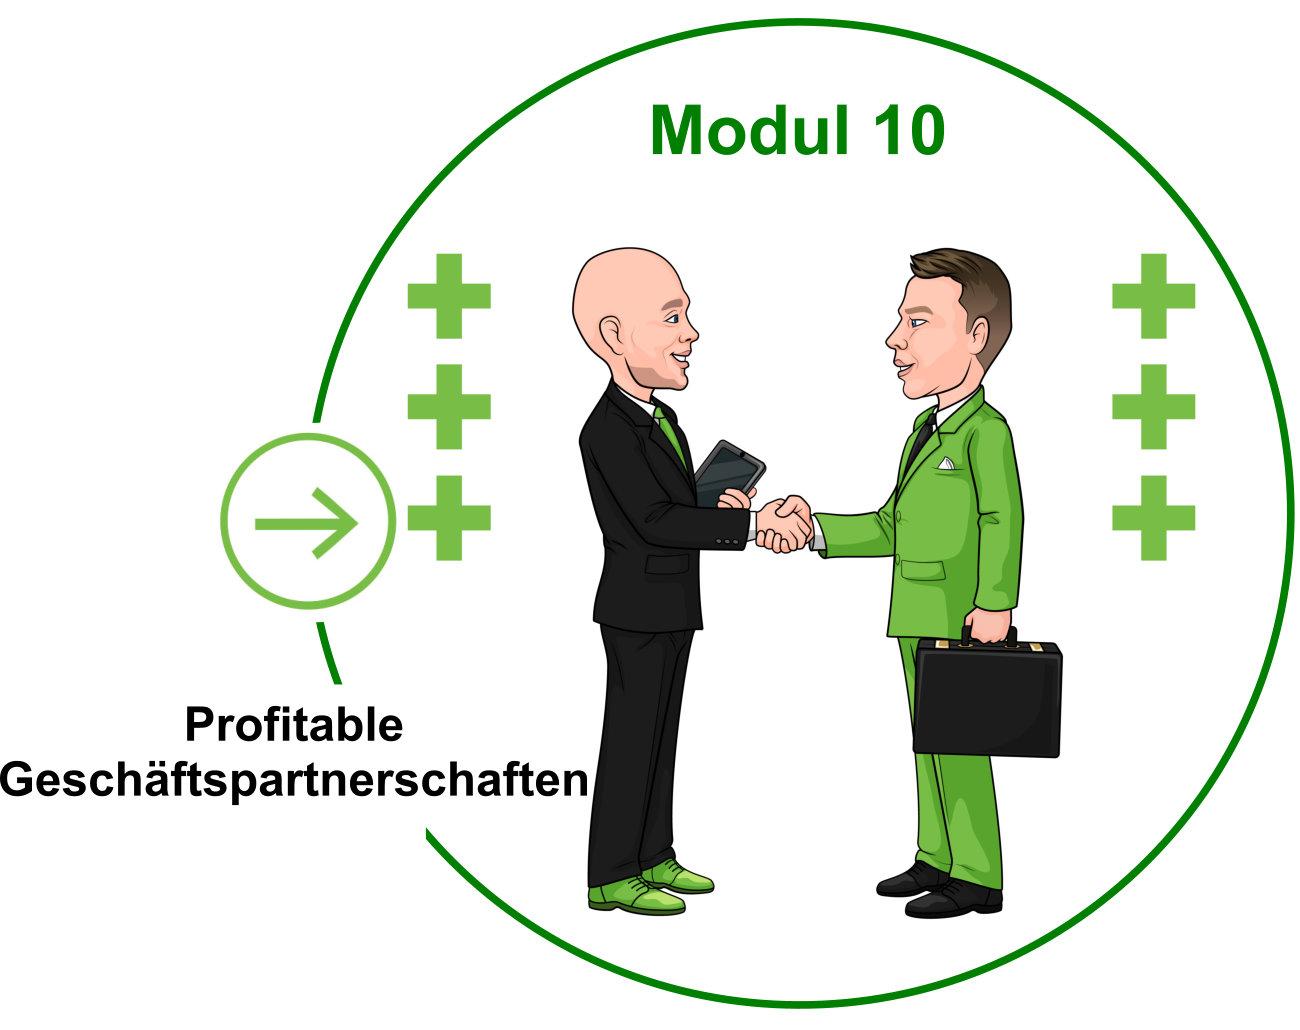 Modul 10 - Profitable Geschäftspartnerschaften